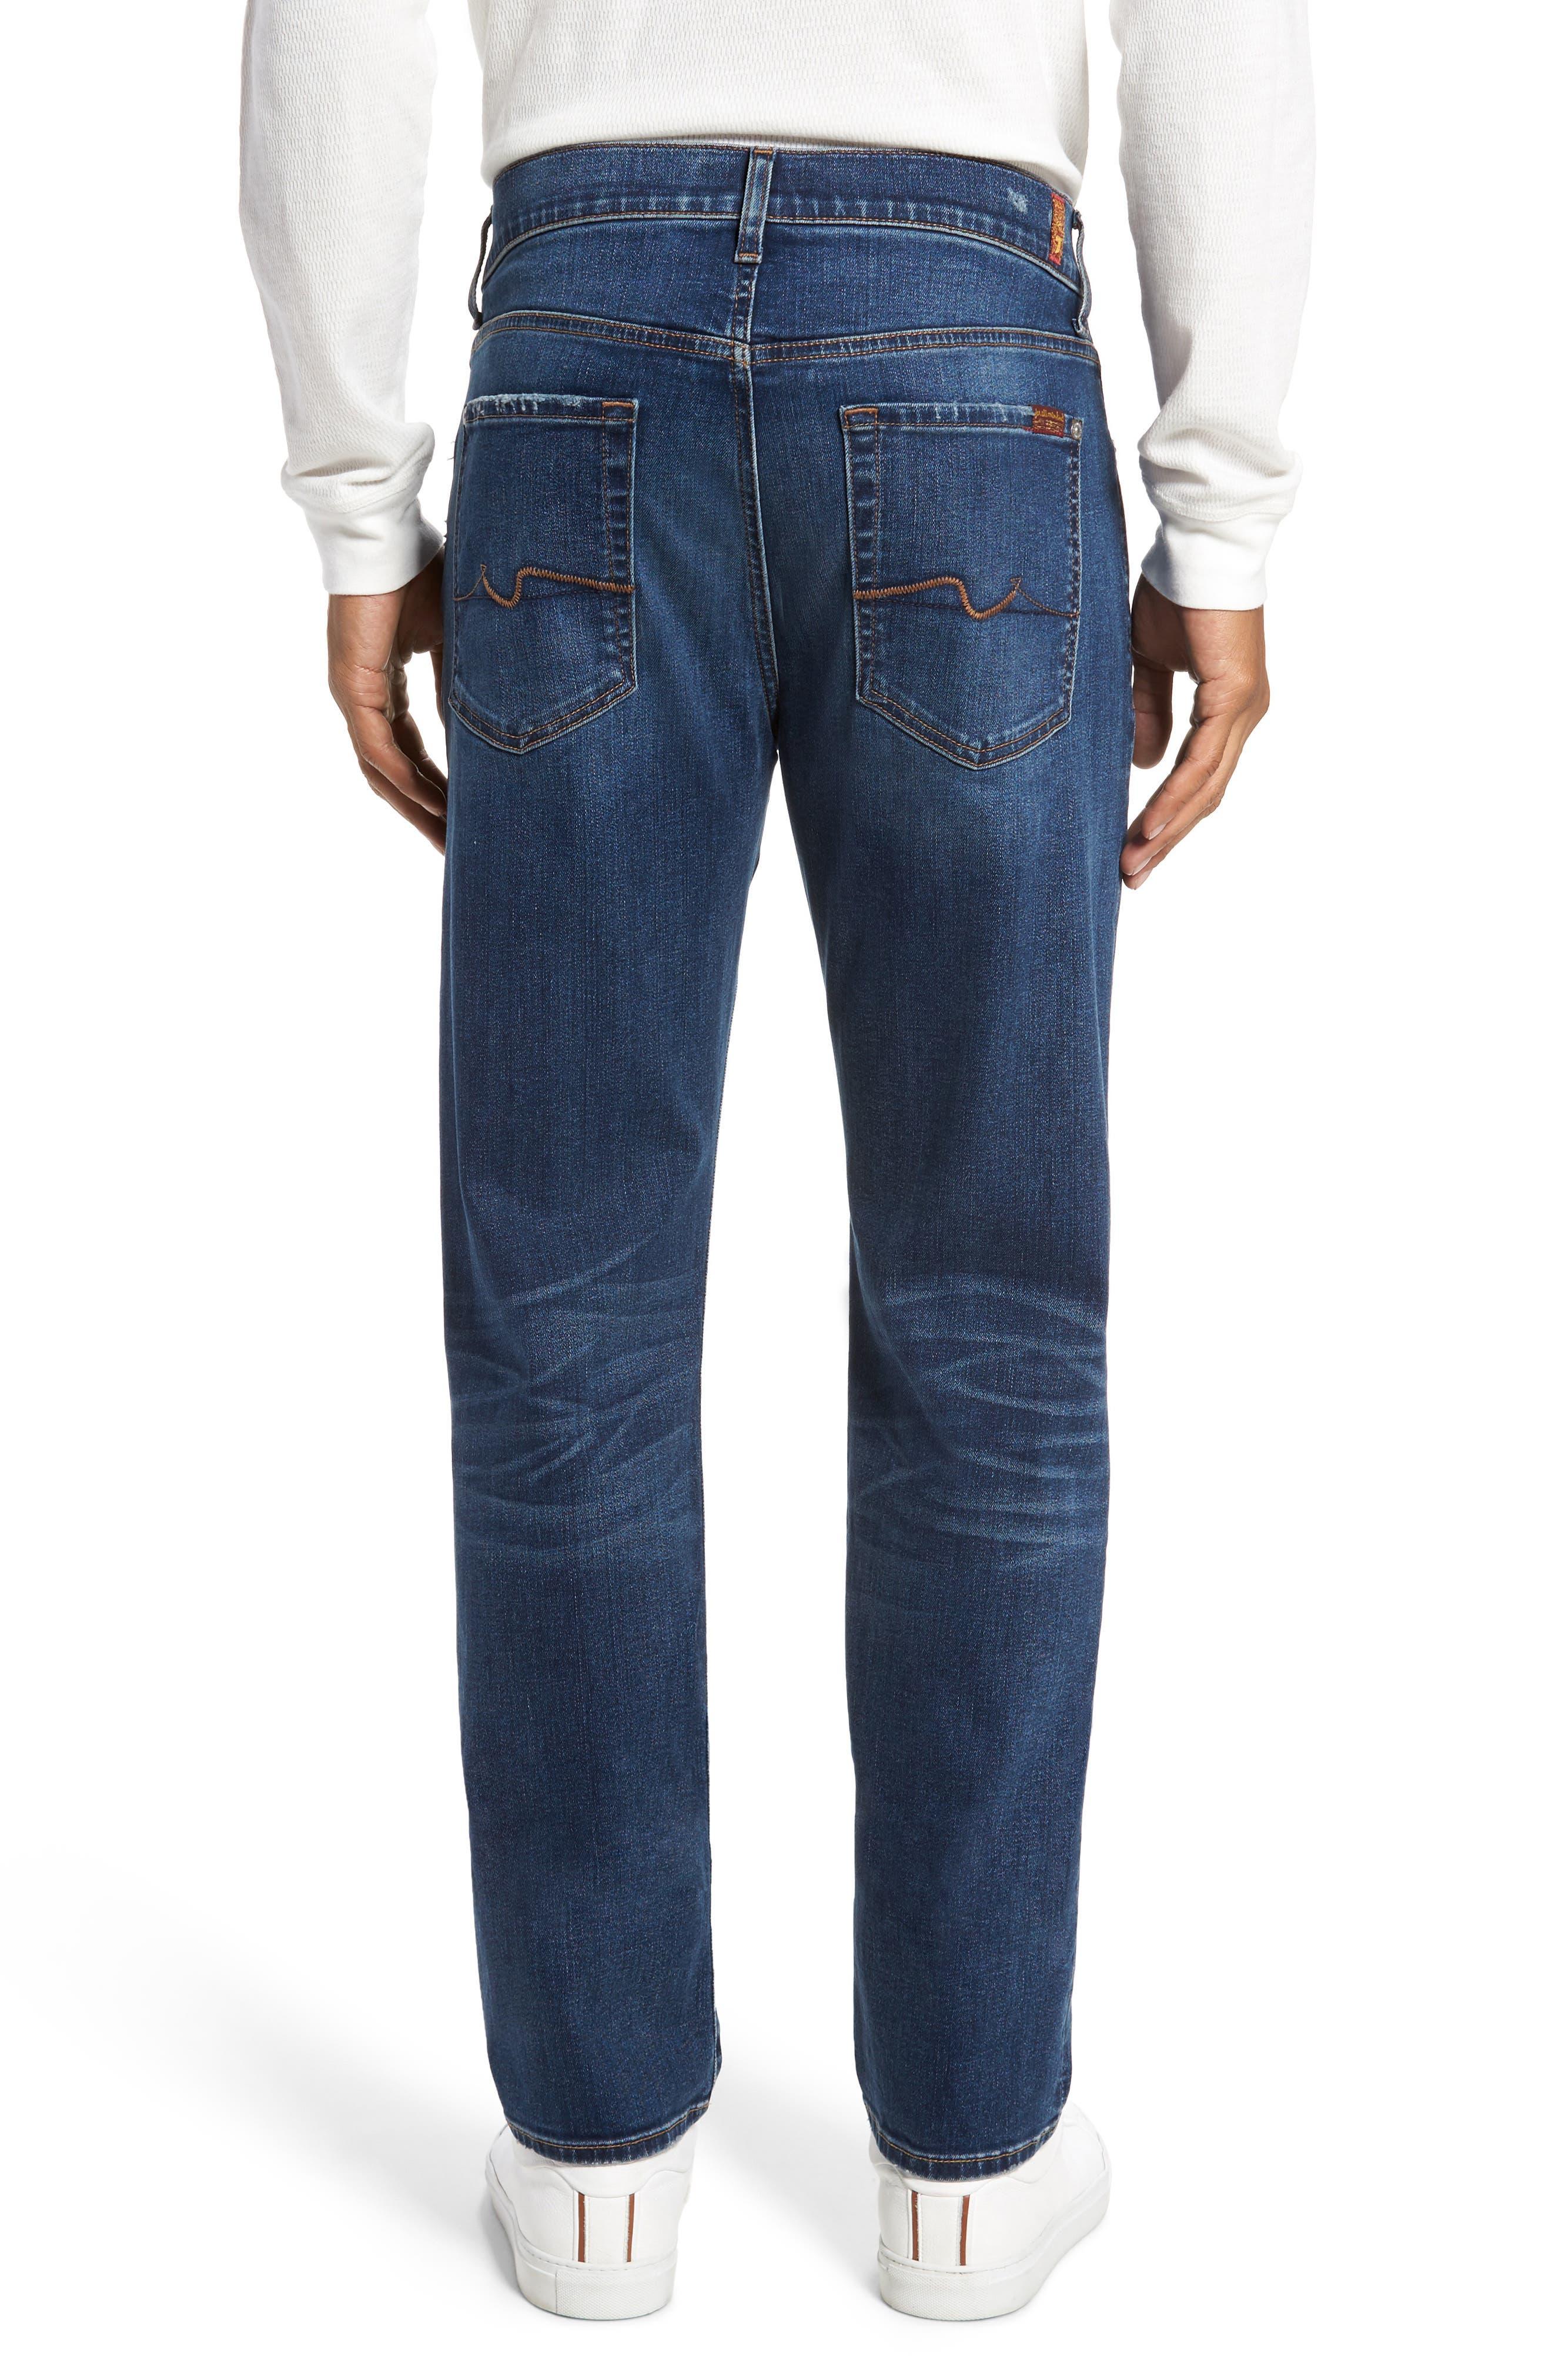 Slimmy Slim Fit Jeans,                             Alternate thumbnail 2, color,                             Union